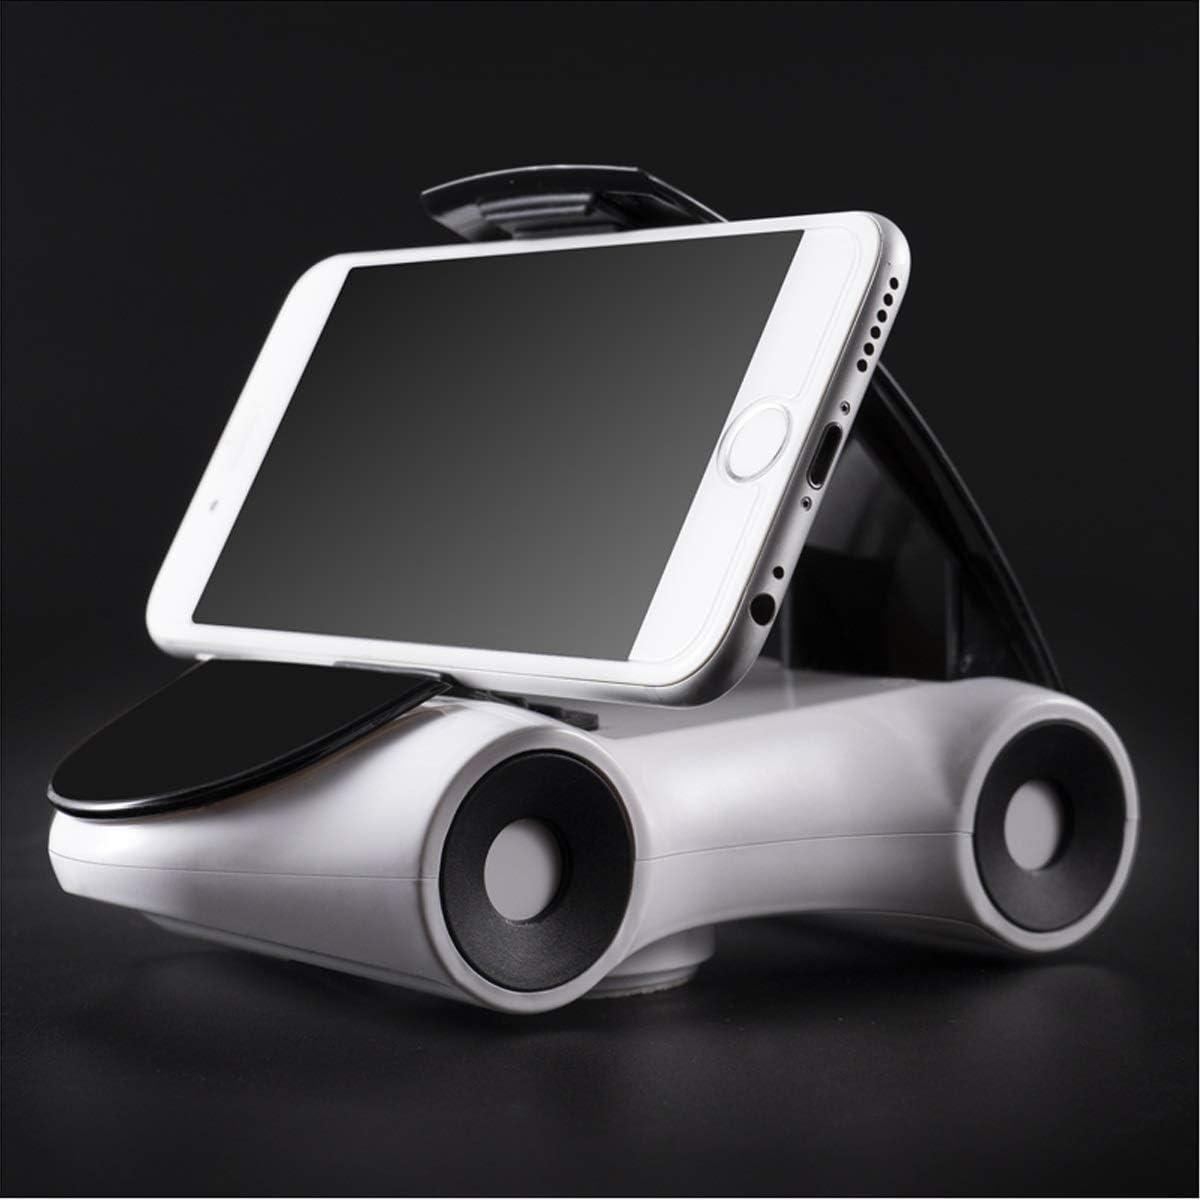 Bedside Mobile Phone Frame Dorm Bed Mobile Phone Holder Multi-Function Phone Holder,Black BYMZXBN Mobile Phone Holder